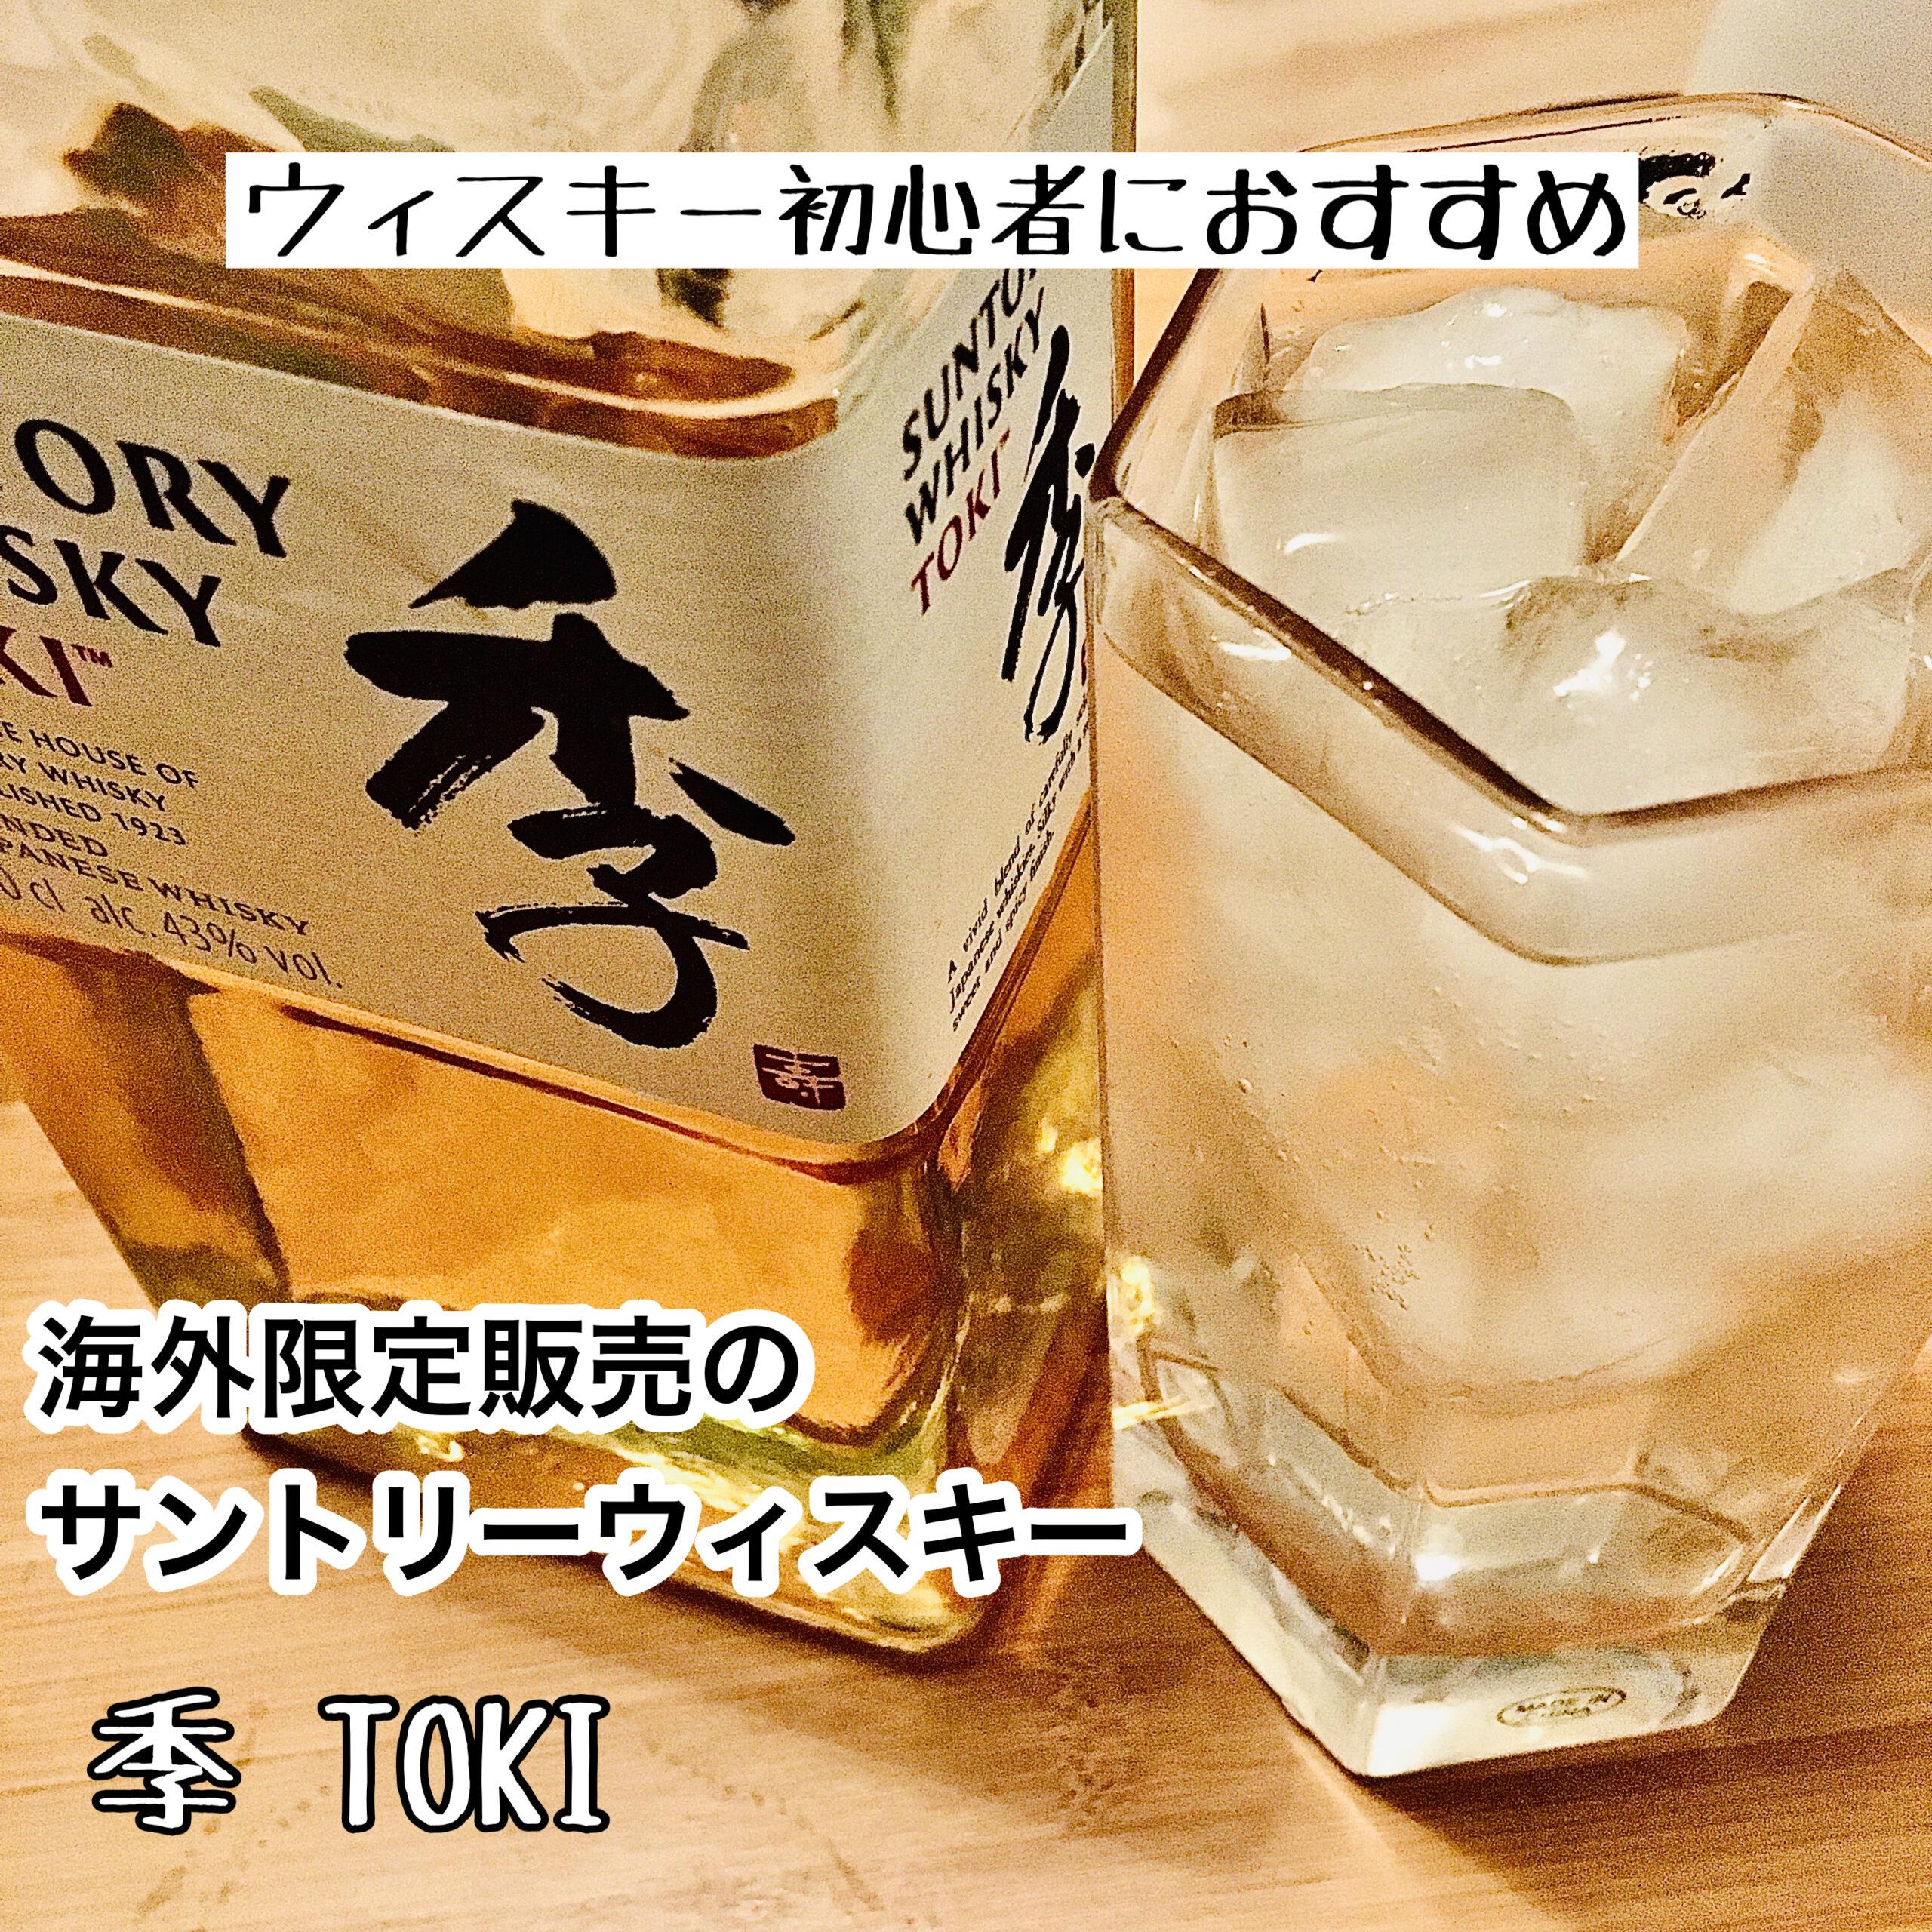 《ウイスキー初心者におすすめ》海外限定販売のサントリーウイスキー【季 TOKI】とは